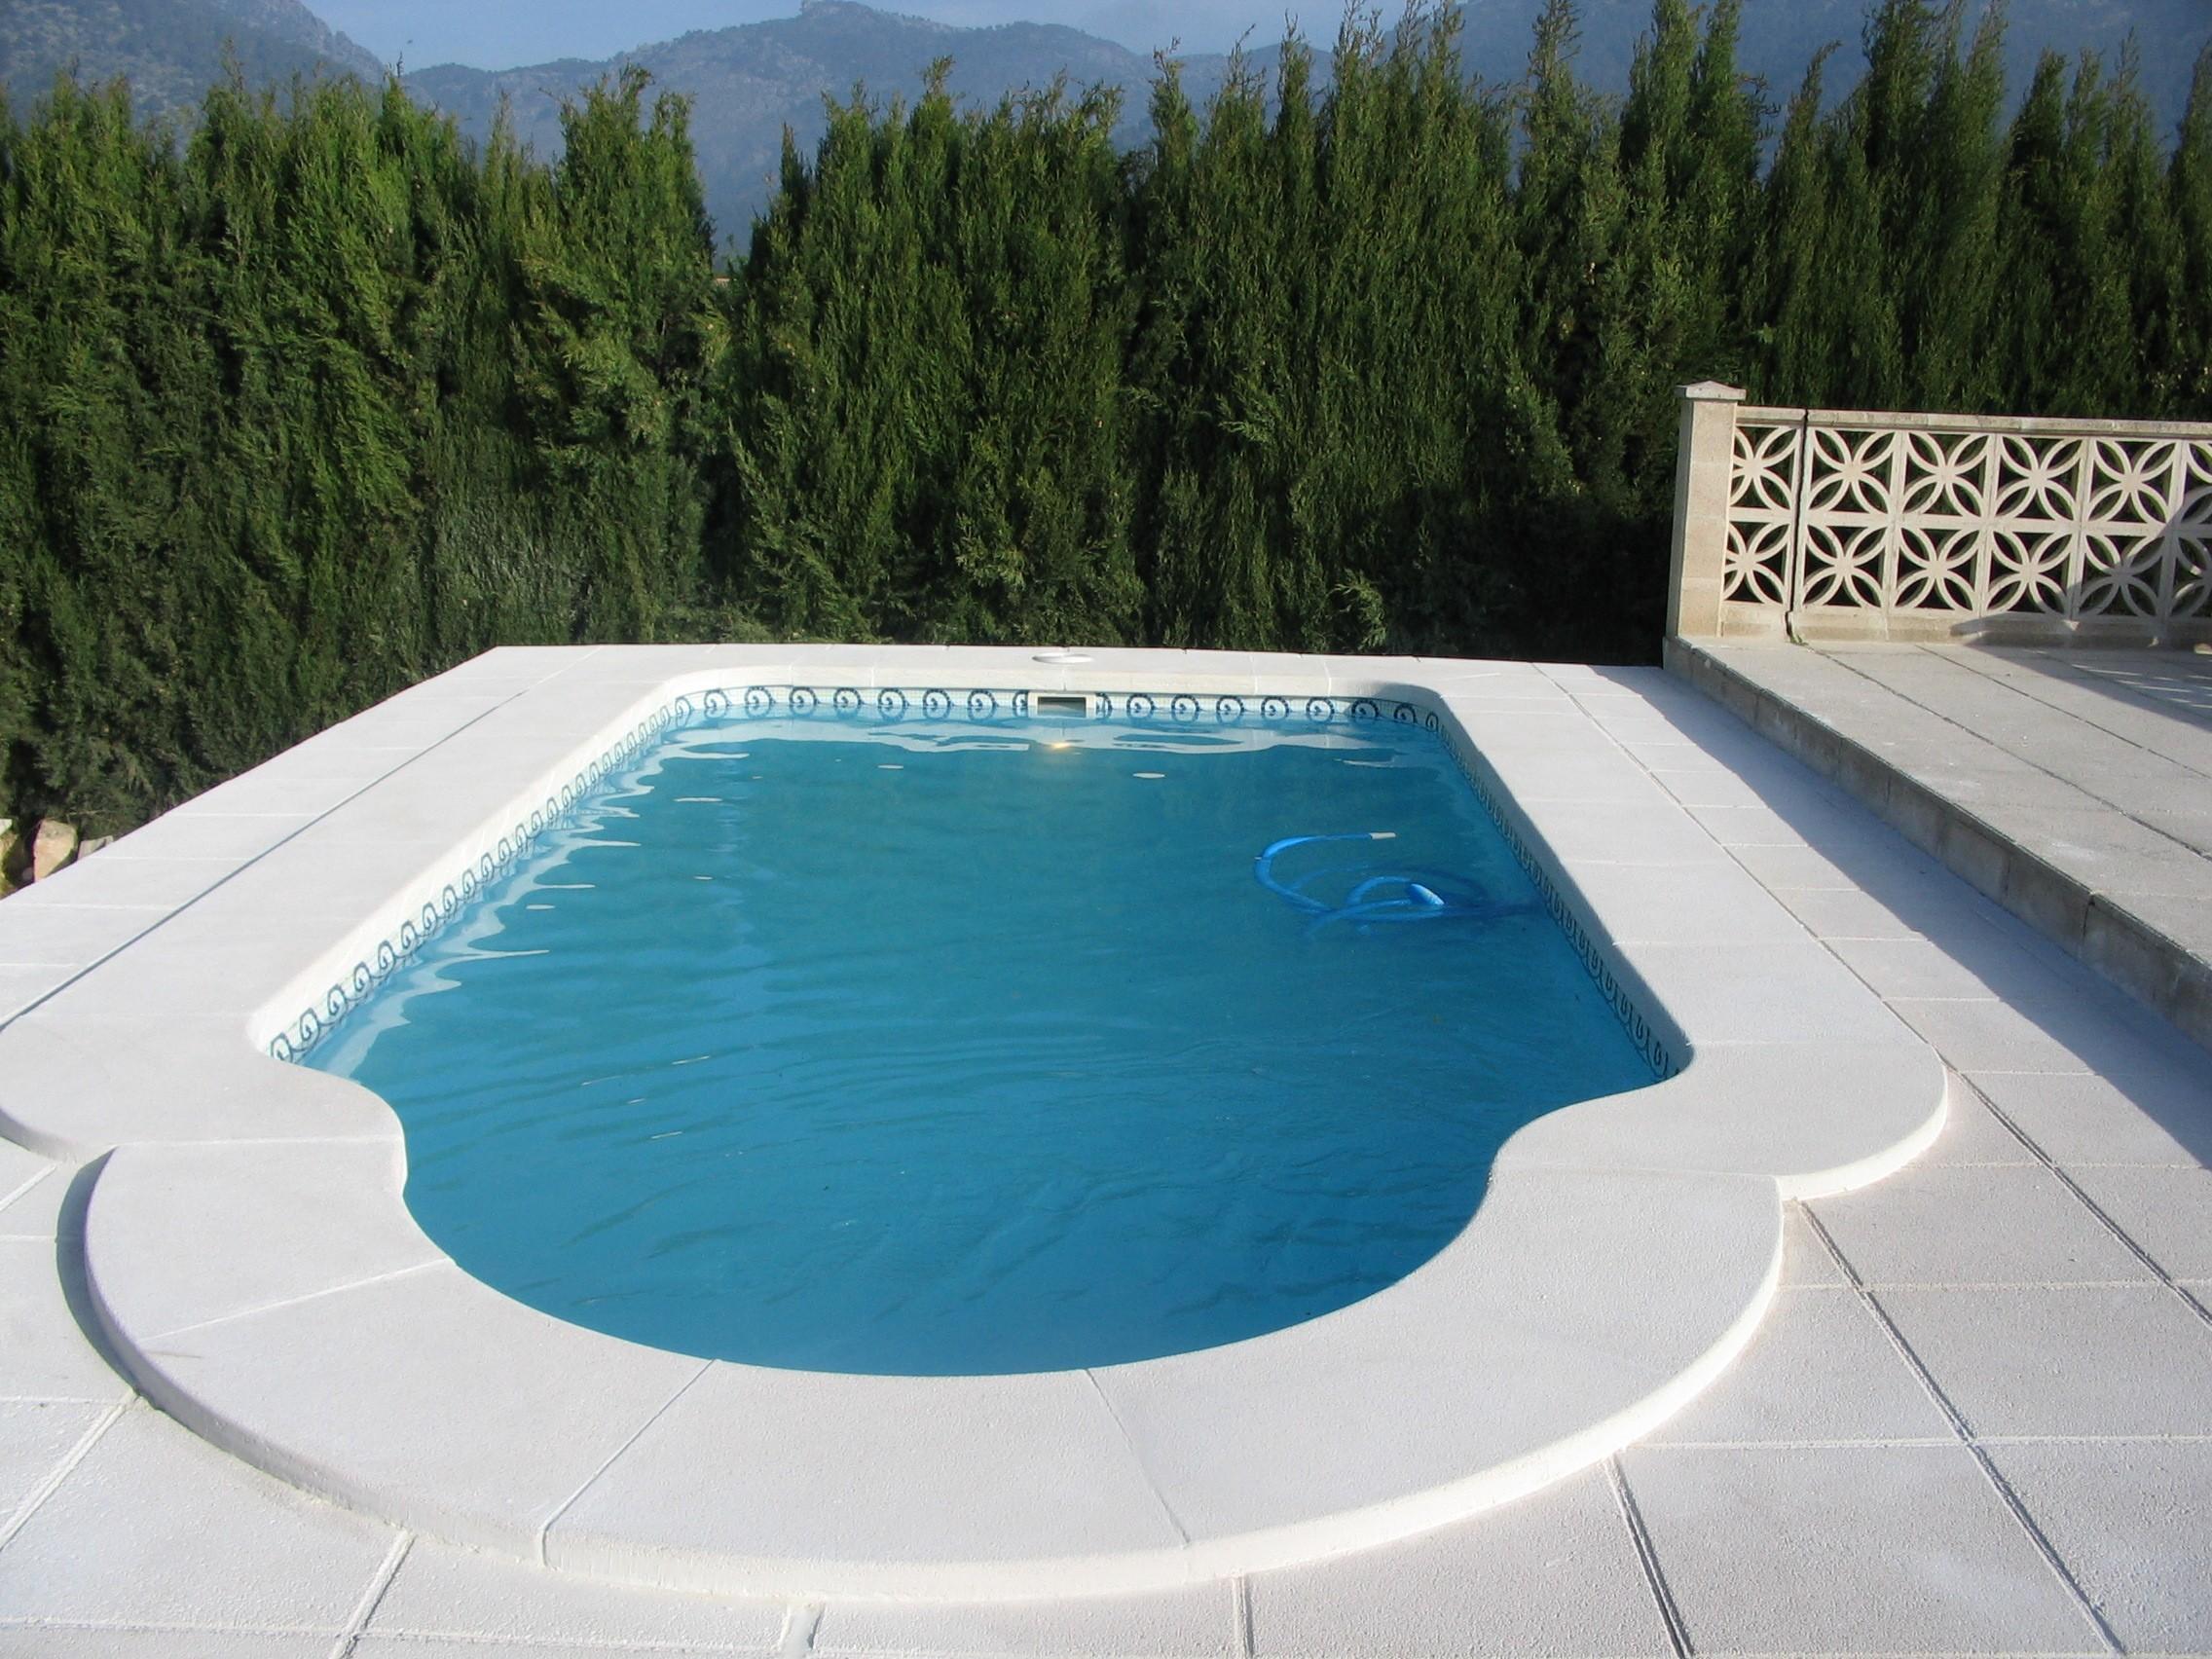 Piscina modelo c 6 codetrac s l expertos en piscinas for Modelos de piscinas medianas